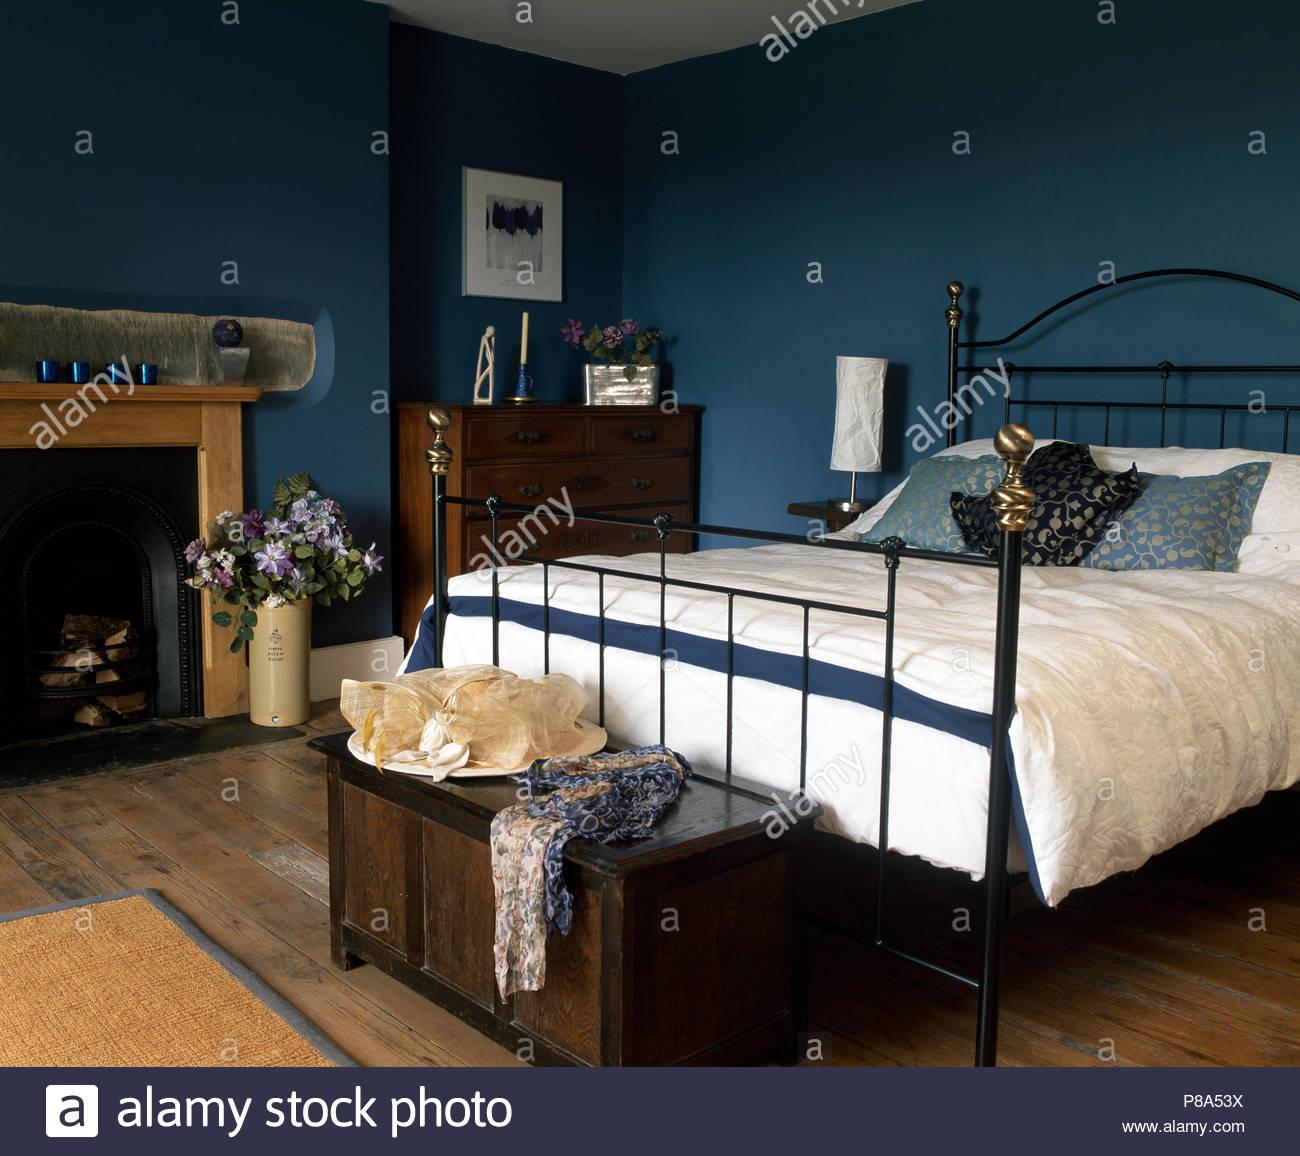 Full Size of Kronleuchter Schlafzimmer Set Weiß Teppich Lampe Vorhänge Landhausstil Sitzbank Komplette Tapeten Mit Matratze Und Lattenrost Rauch Schrank Fototapete Schlafzimmer Truhe Schlafzimmer